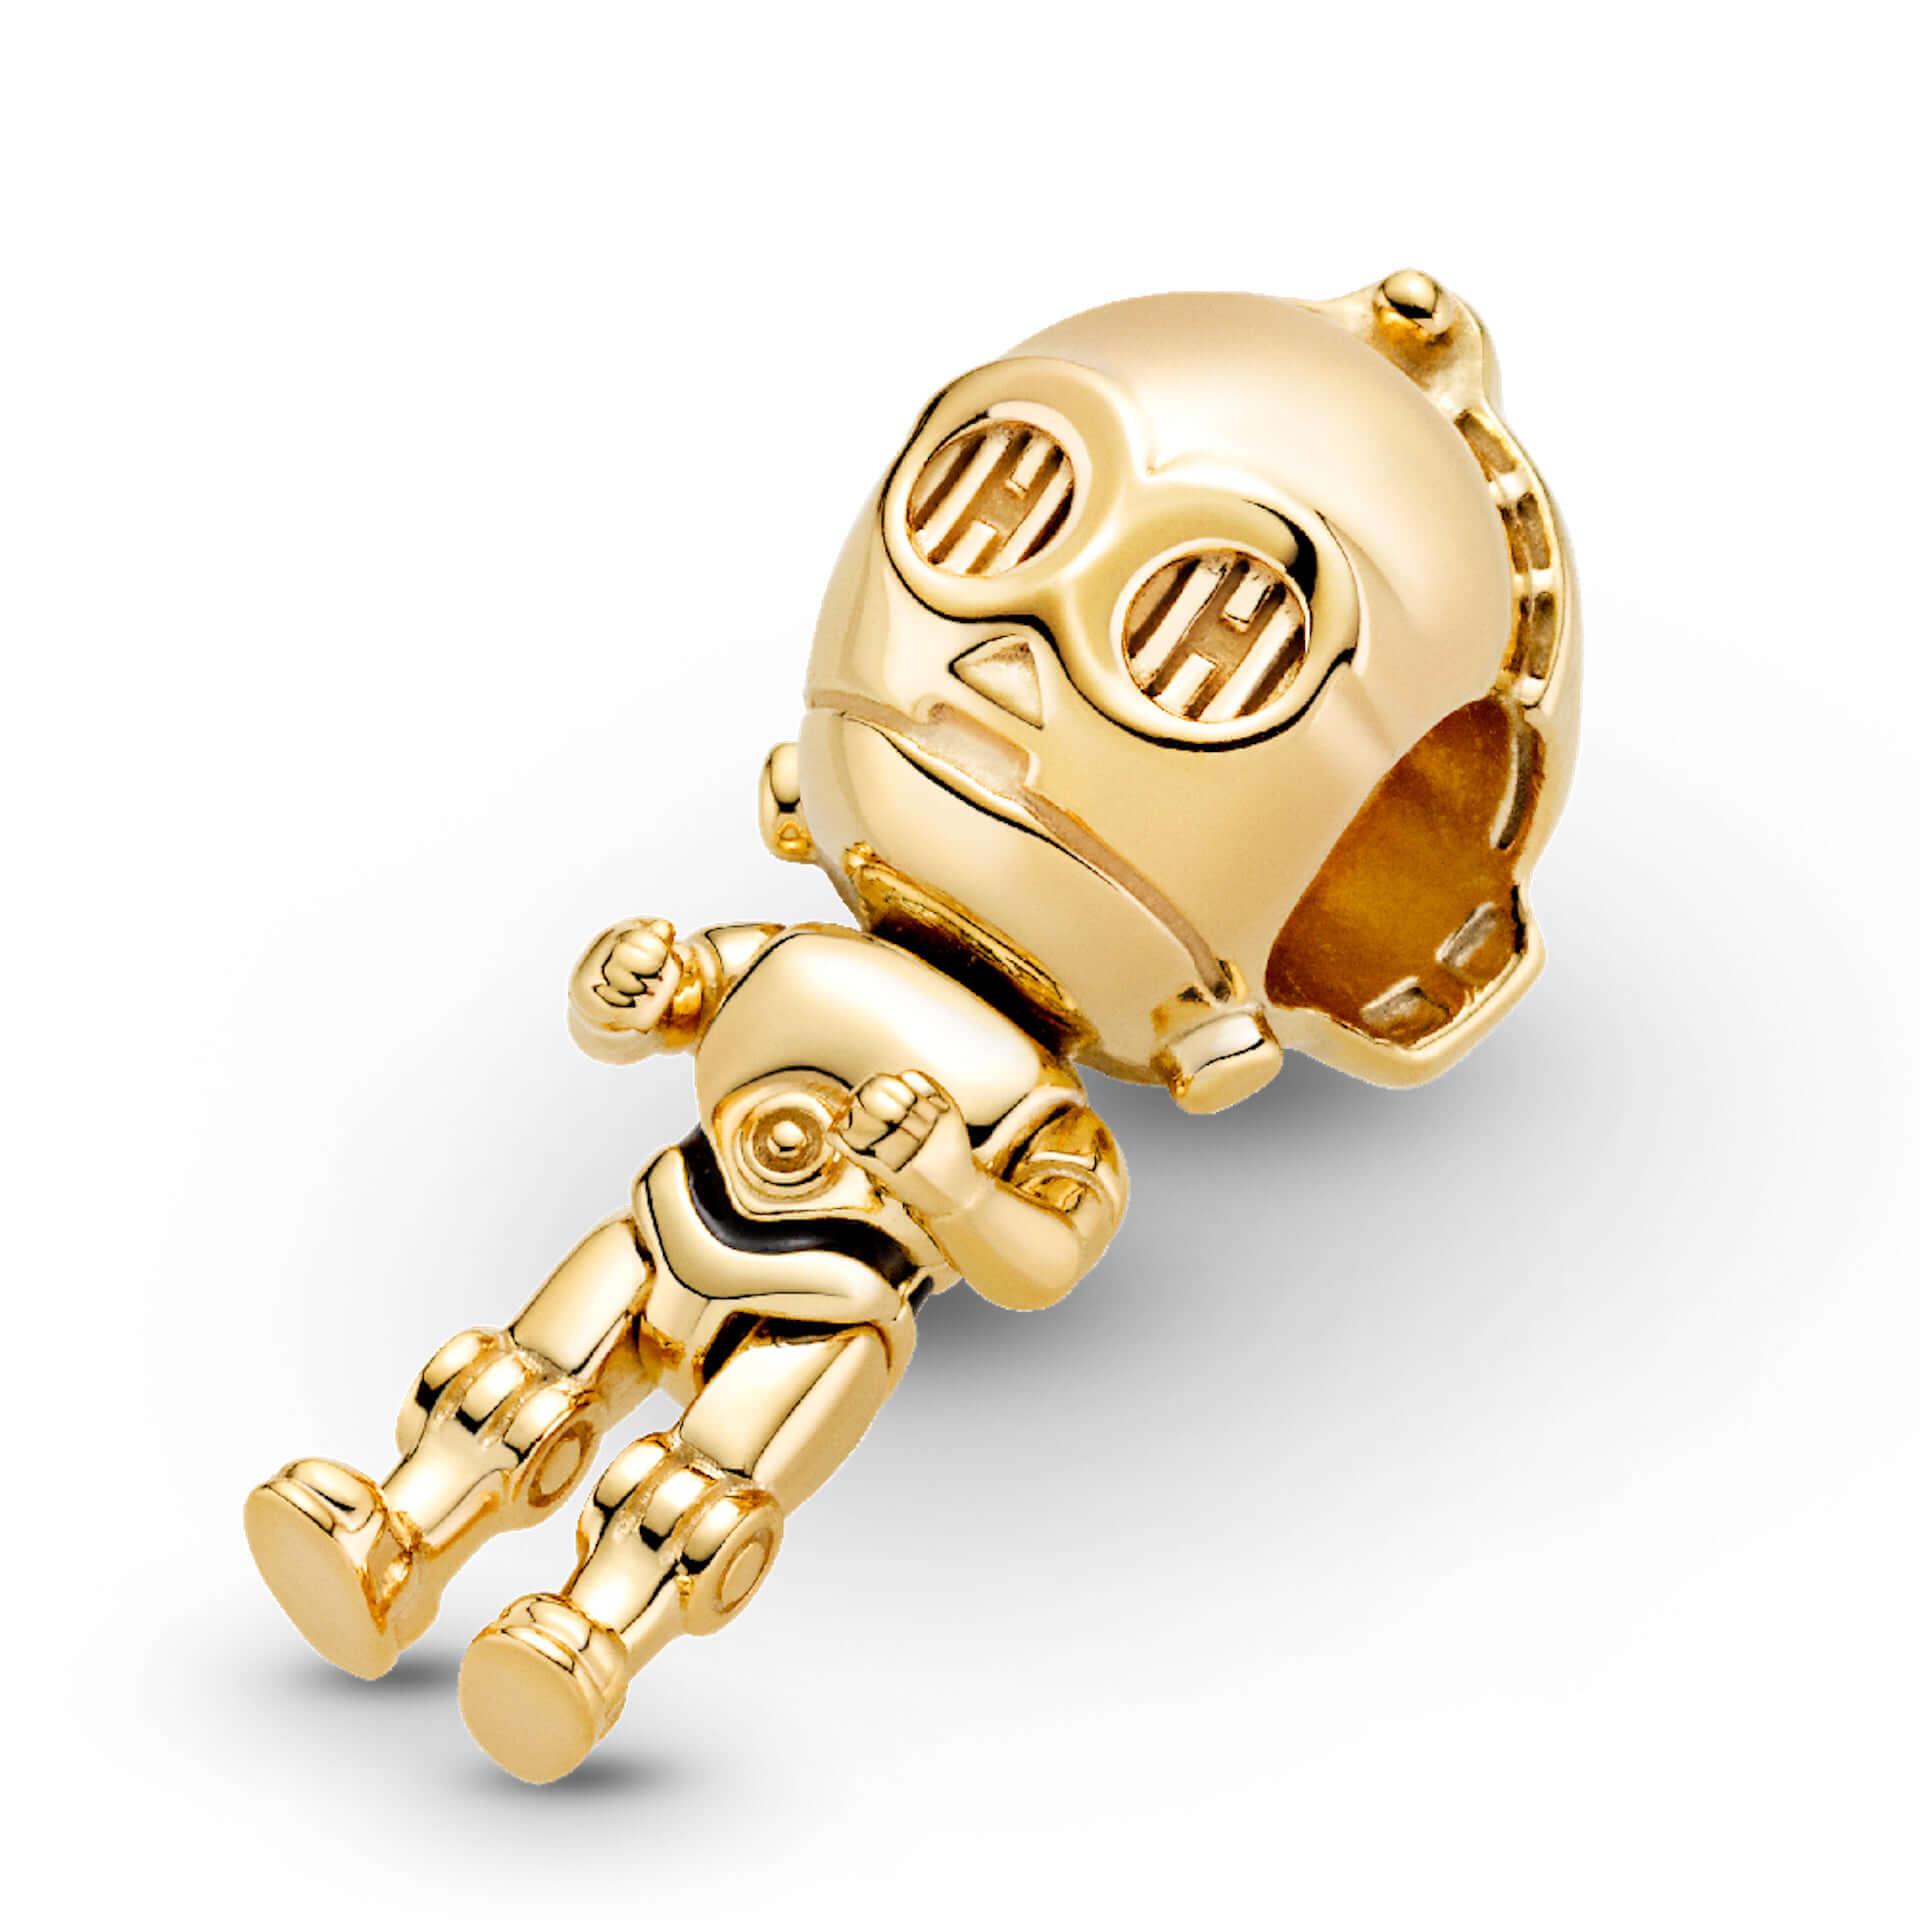 『スター・ウォーズ』シリーズのC-3POやザ・チャイルドがジュエリーに!リサイクル素材を用いた新コレクションがパンドラにて発売 lf201001_starwars-pandora_4-1920x1920